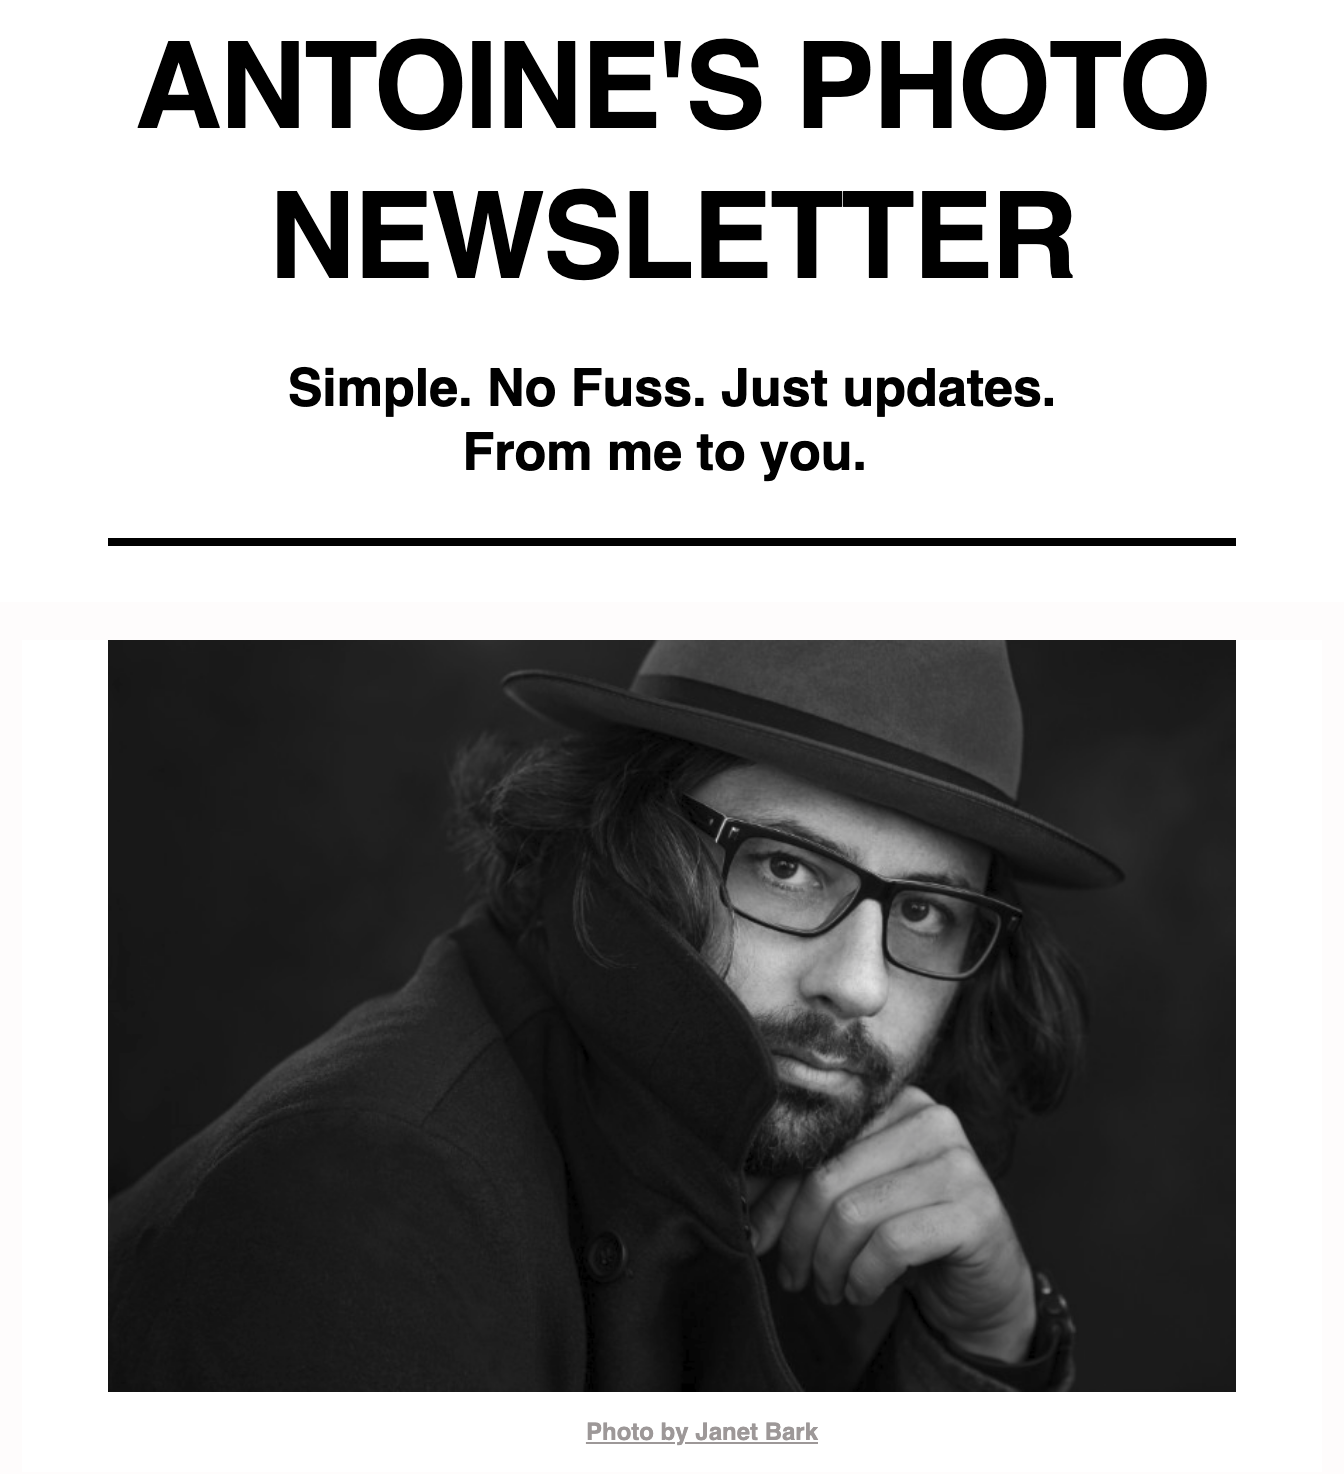 Episode 1 of Antoine's newsletter